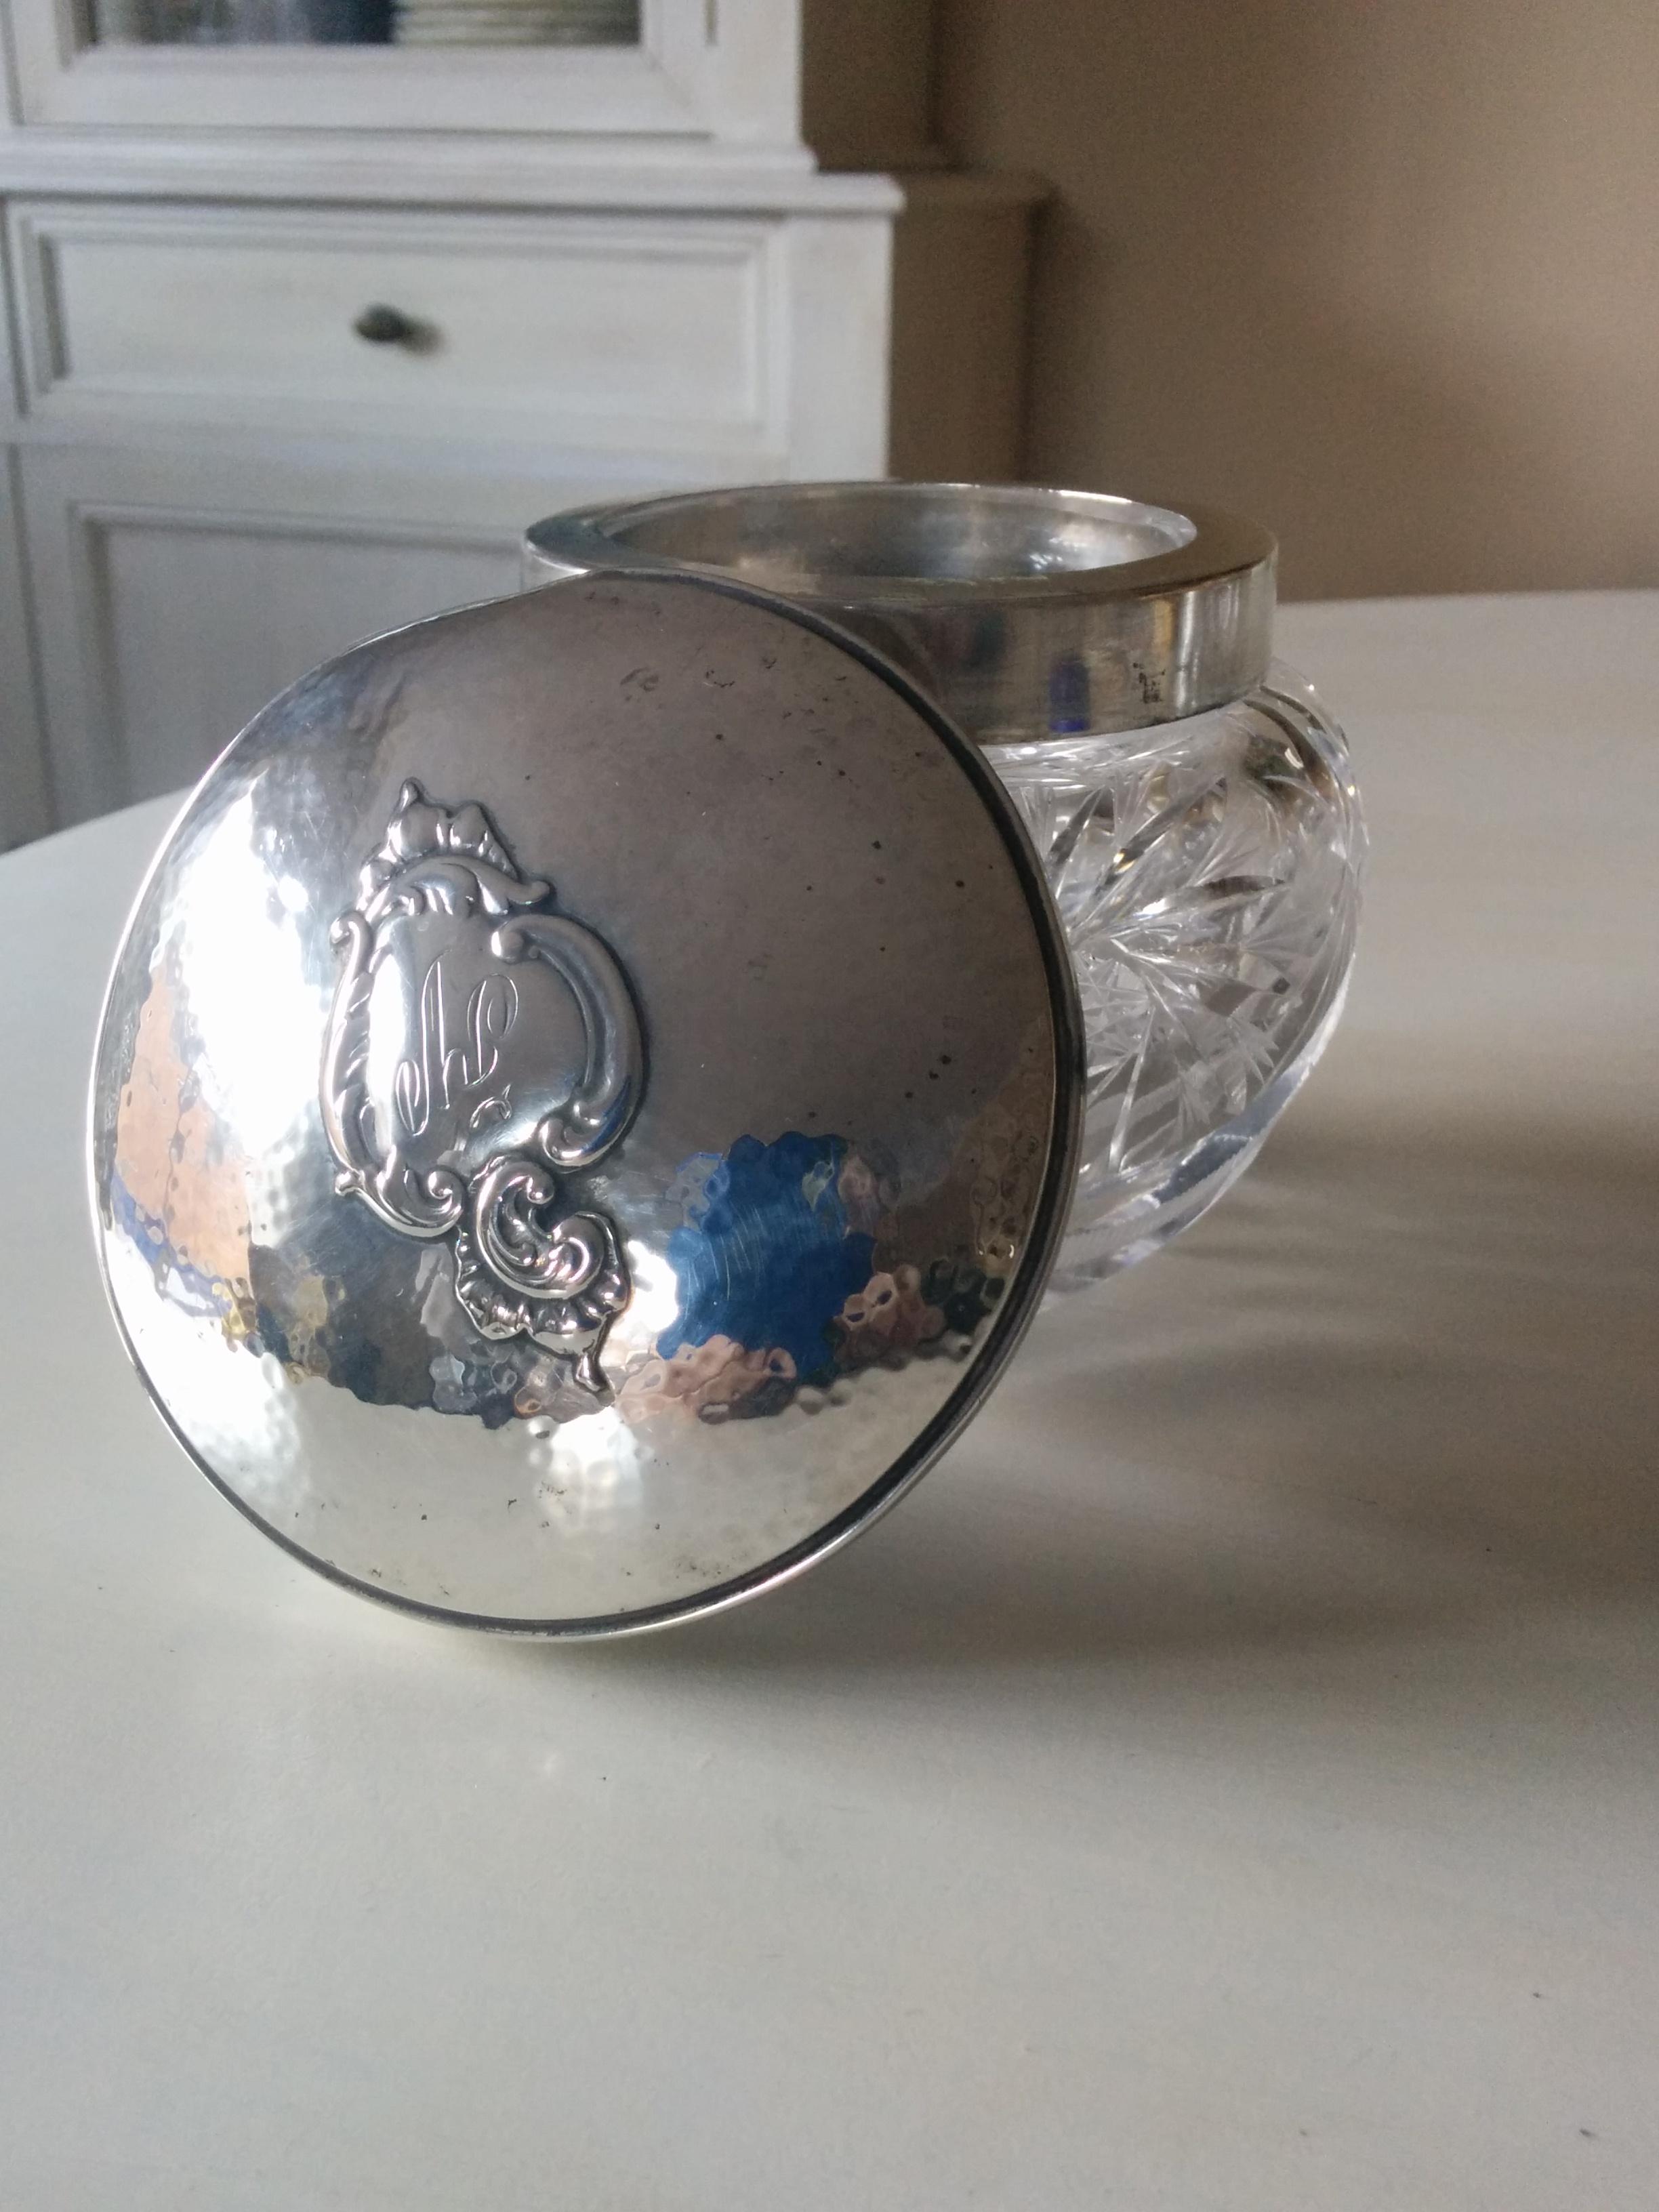 Plata/Silver